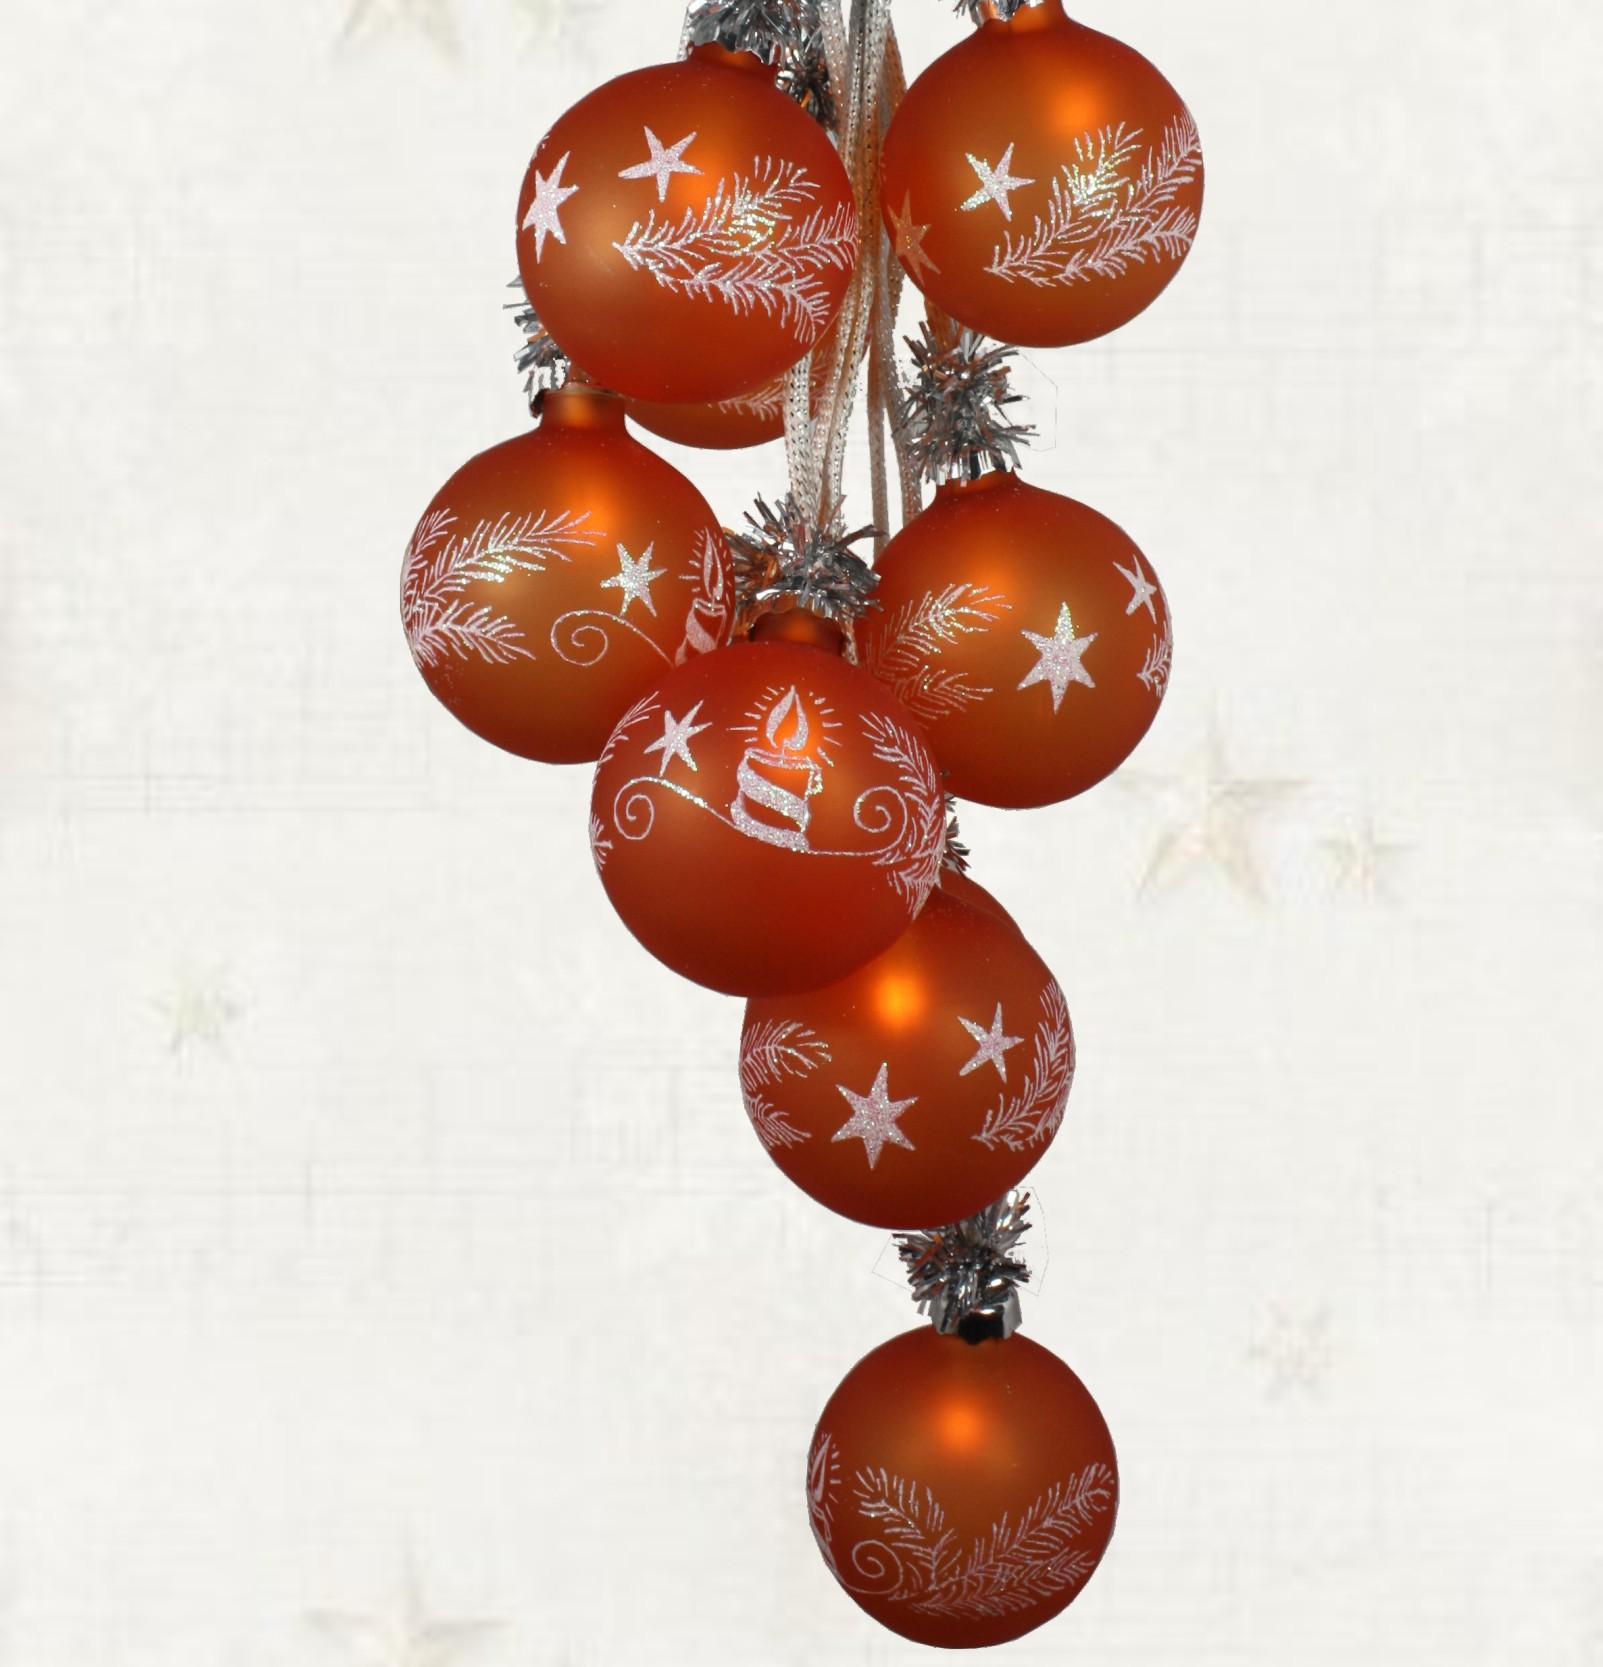 Weihnachtsdekoration beleuchtet glaskugelschmuck - Weihnachtskugeln fenster ...